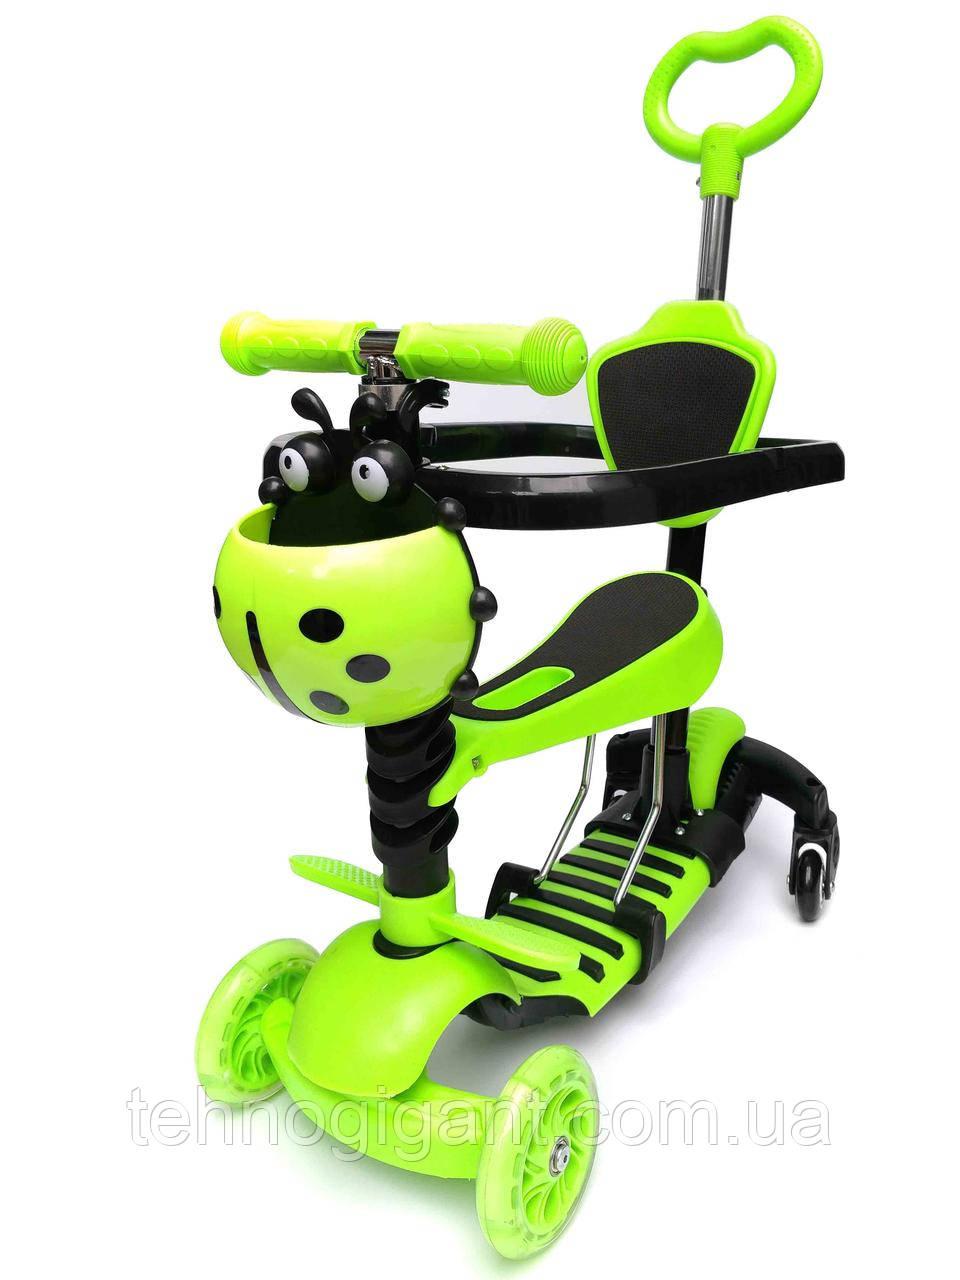 Трехколесный самокат беговел с Scooter 5в1 с родительской ручкой, сиденьем, бортиком, боковые колеса Зеленый